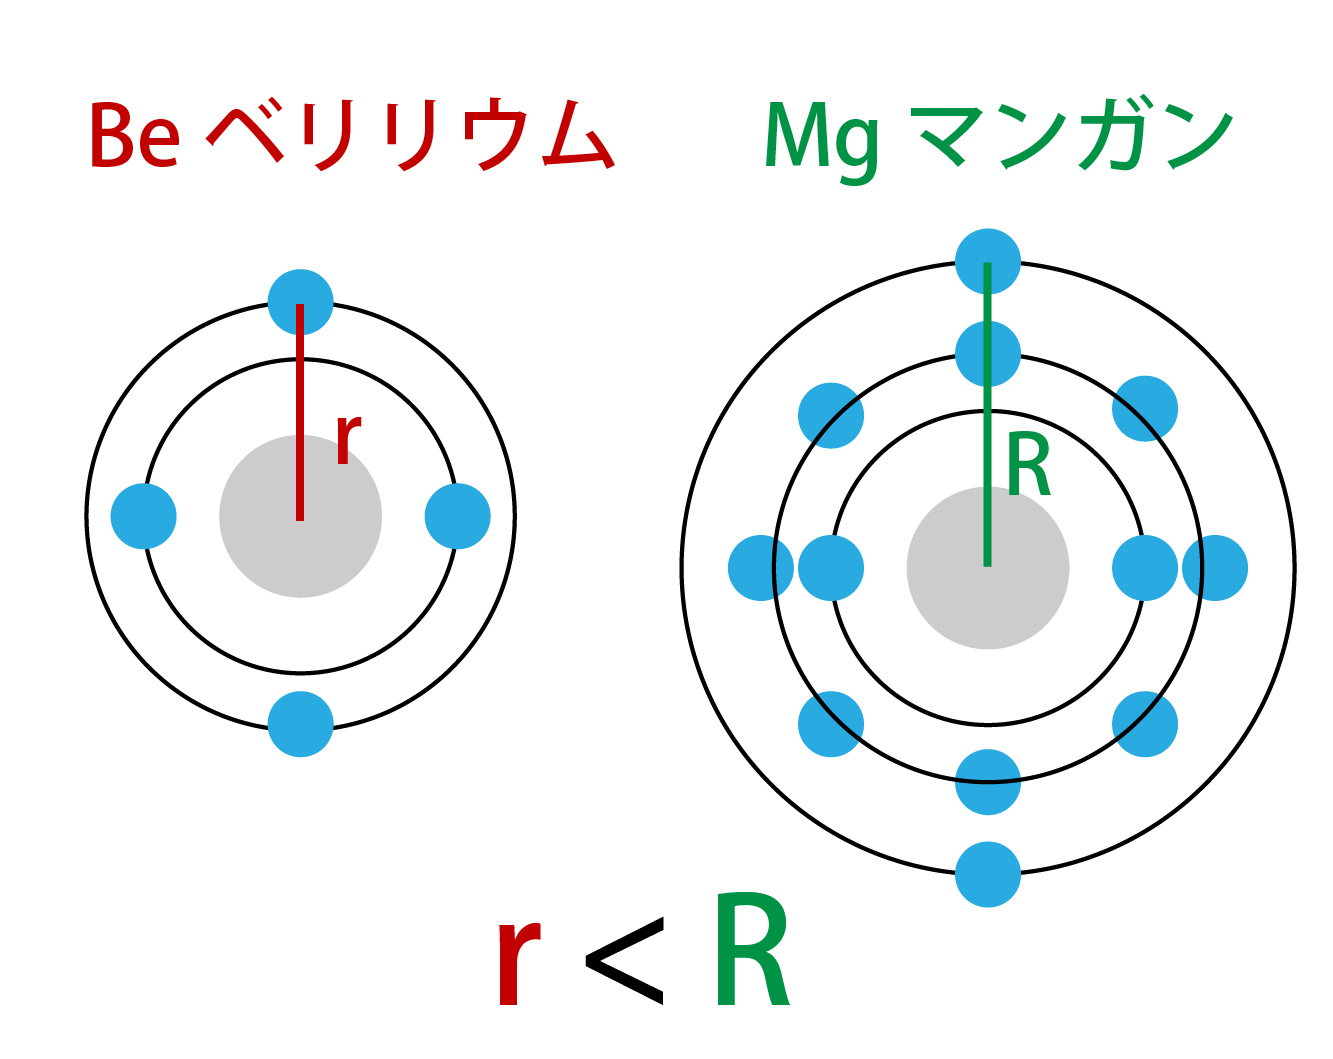 電子の数と最外殻の電子との距離